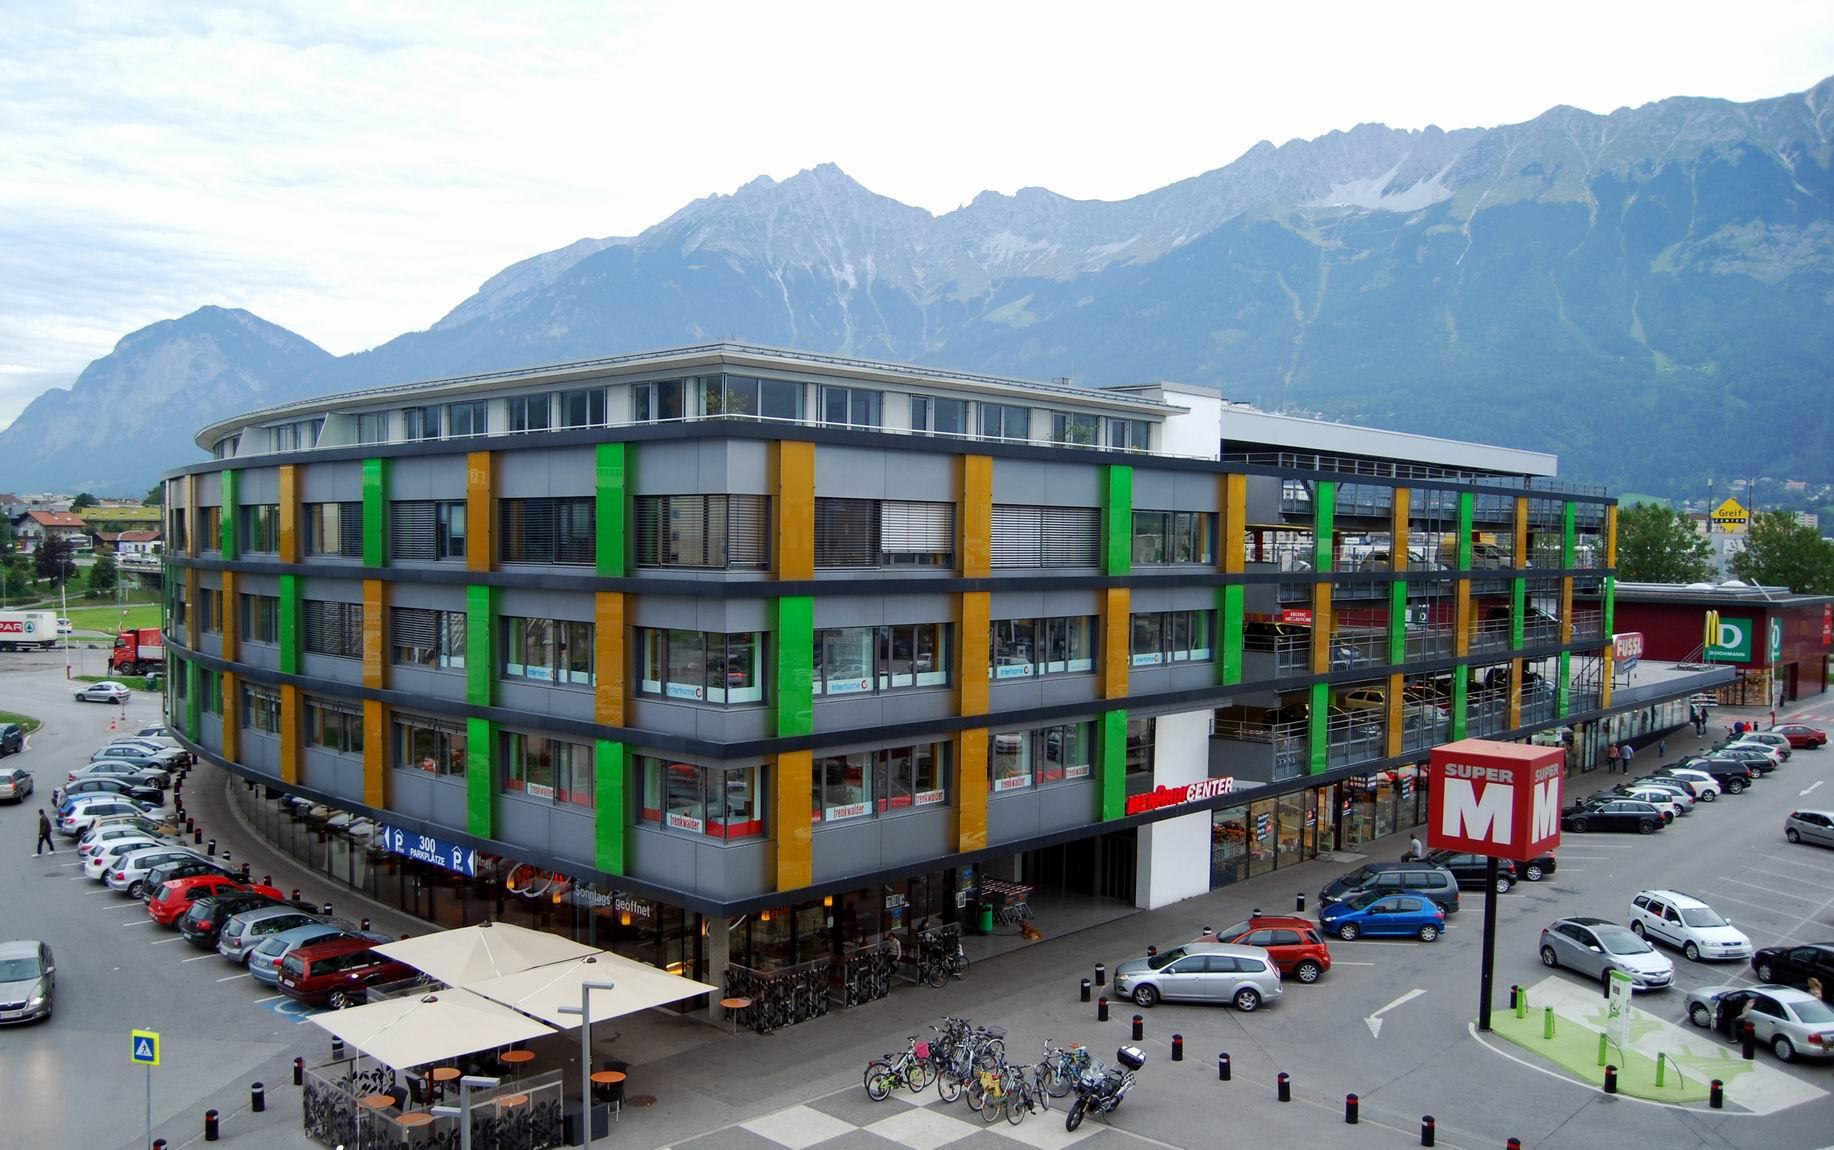 Menardi Center